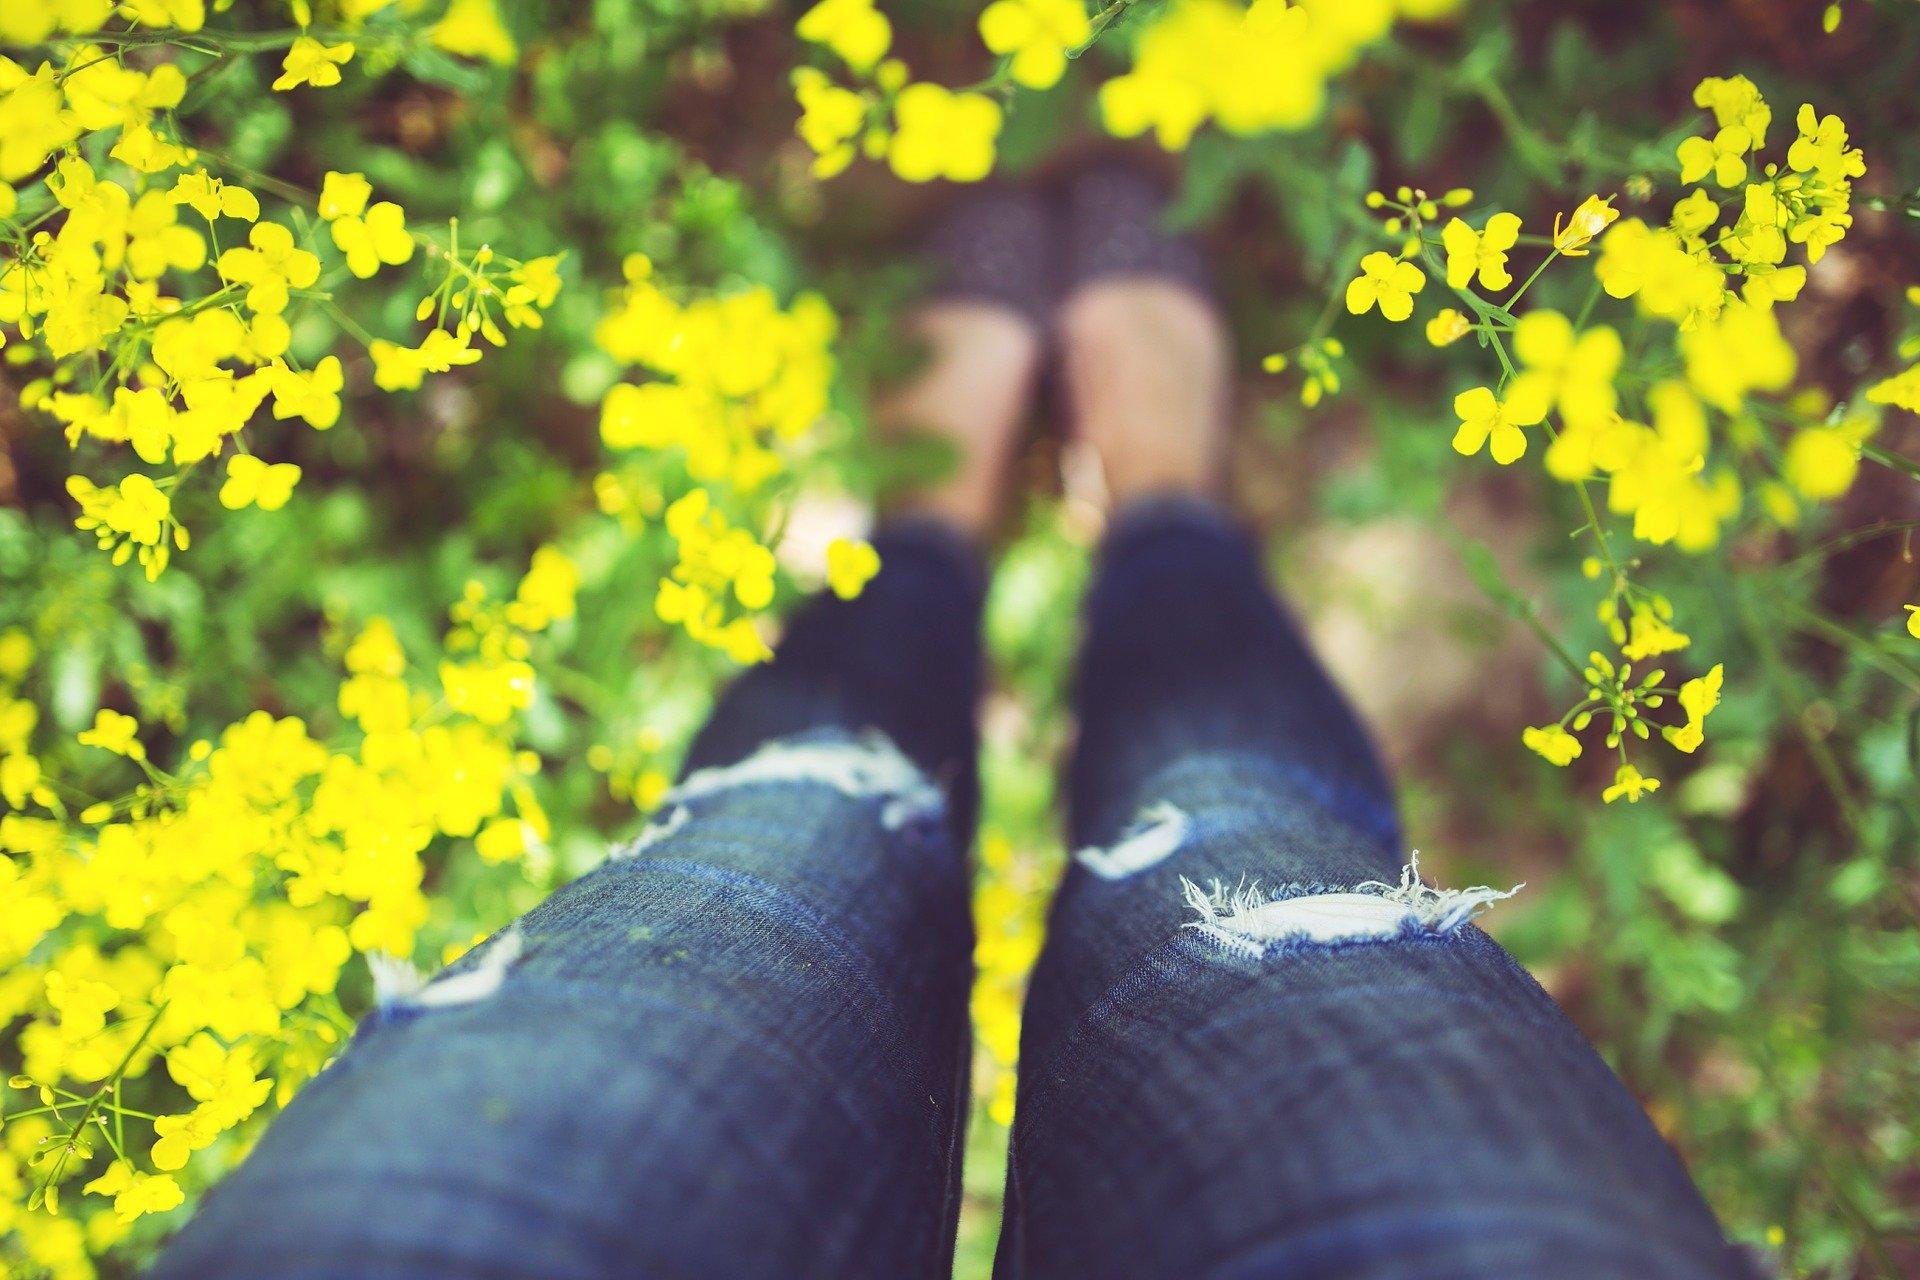 gambe di donna viste dall'alto in mezzo alla natura fiorita di giallo